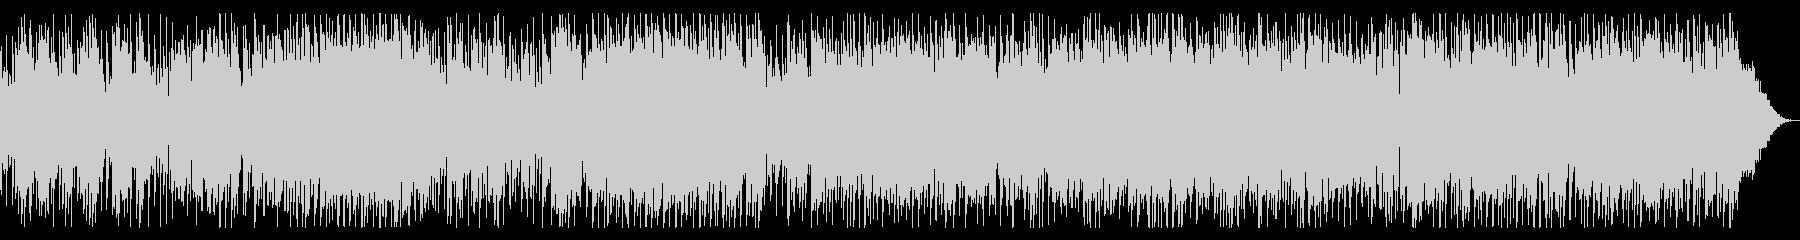 生音・エレキギターのブルースロックの未再生の波形